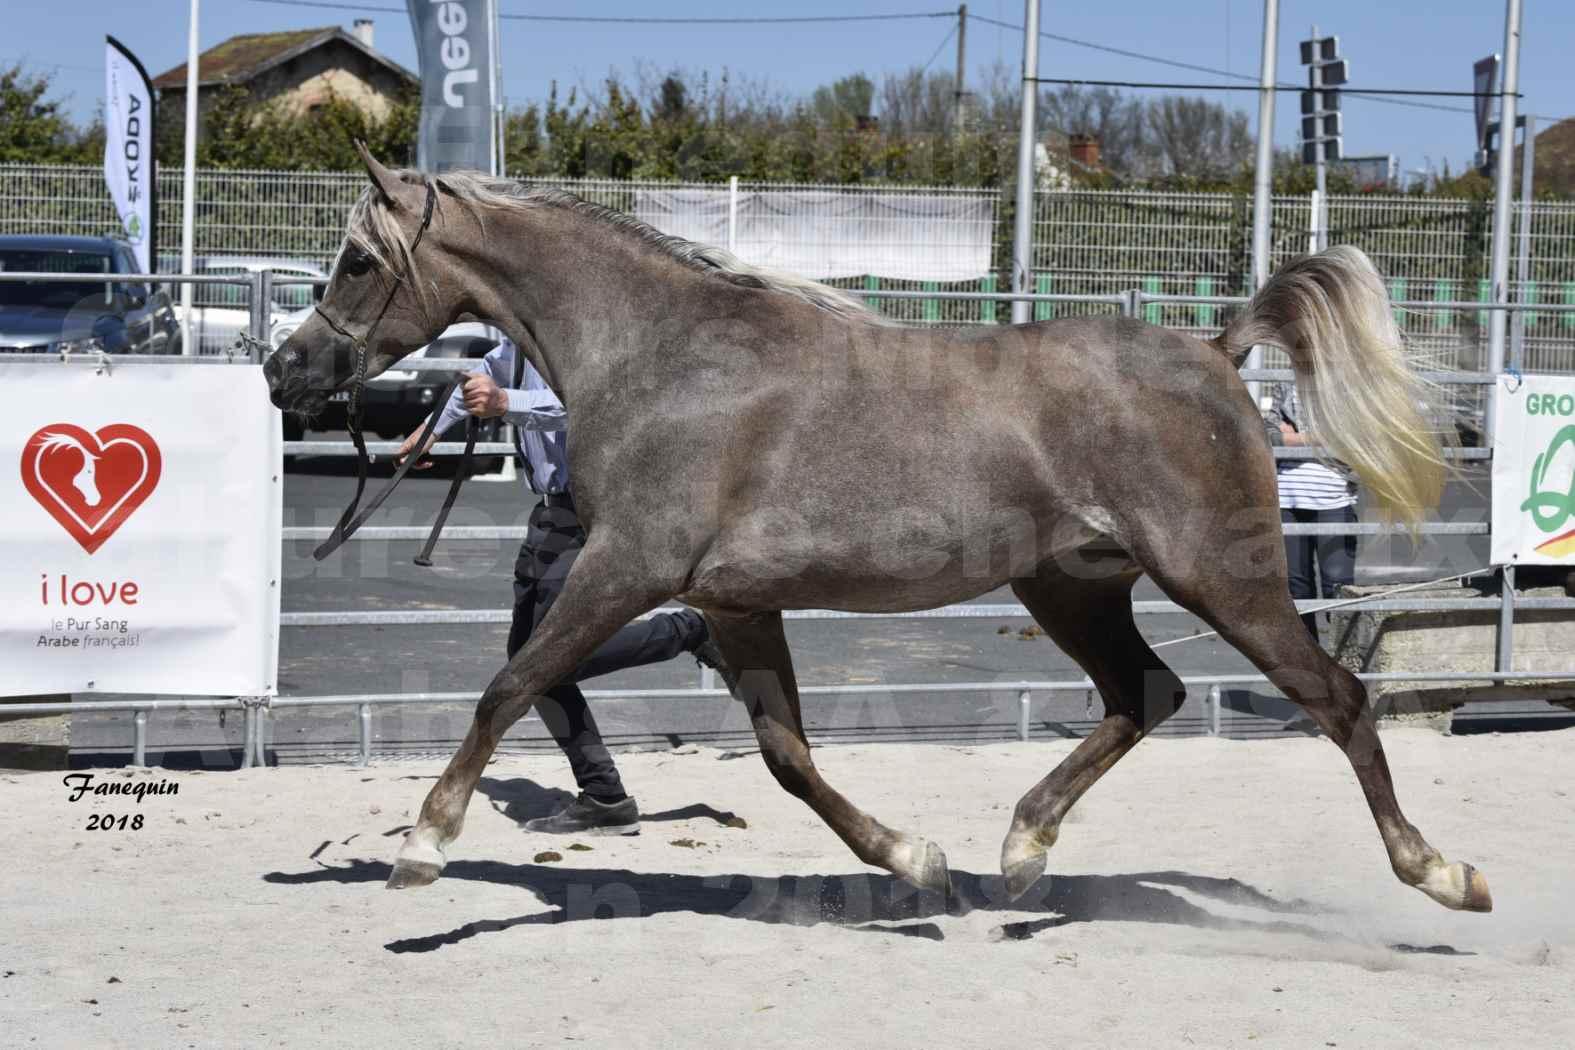 Concours d'élevage de Chevaux Arabes - Demi Sang Arabes - Anglo Arabes - ALBI les 6 & 7 Avril 2018 - DAENERYS DE LAFON - Notre Sélection - 02